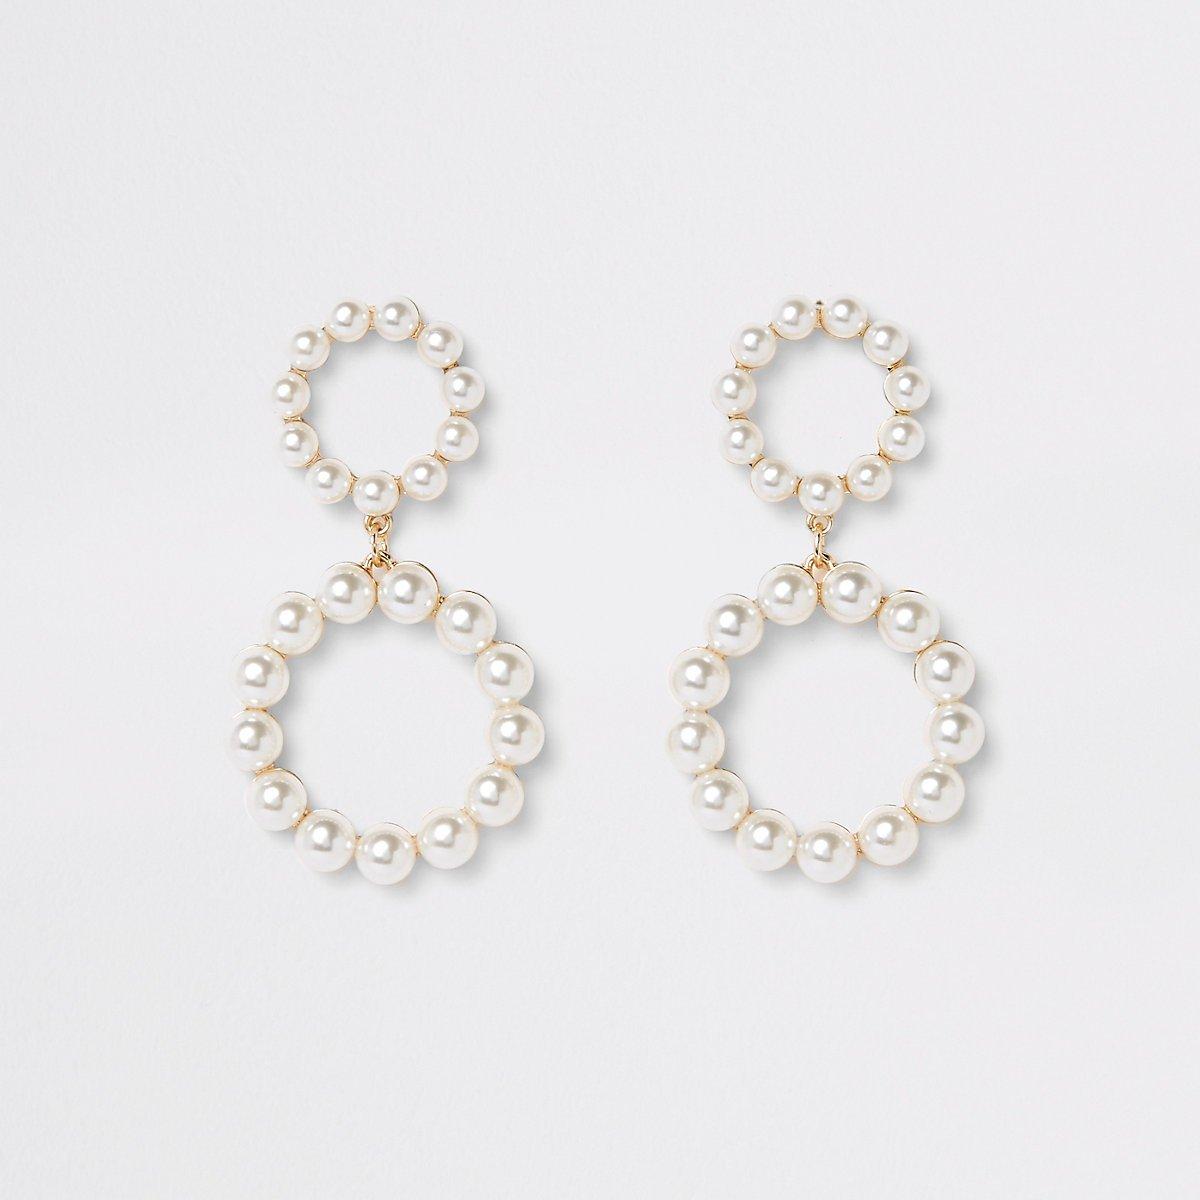 Gold color pearl double ring drop earrings - Earrings - Jewelry - women